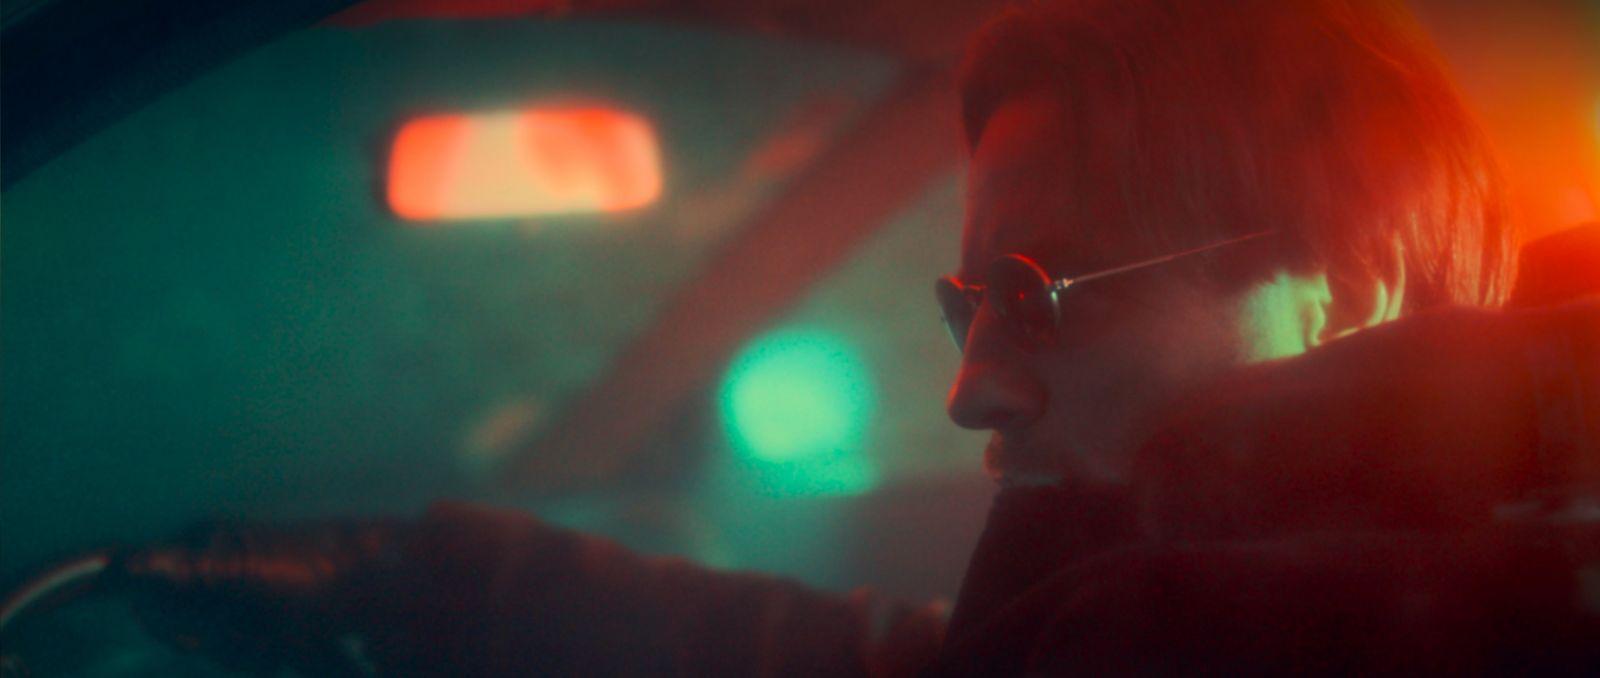 Video: Rakovicky predstavuje singel False Lights, spolupracoval D-Fly